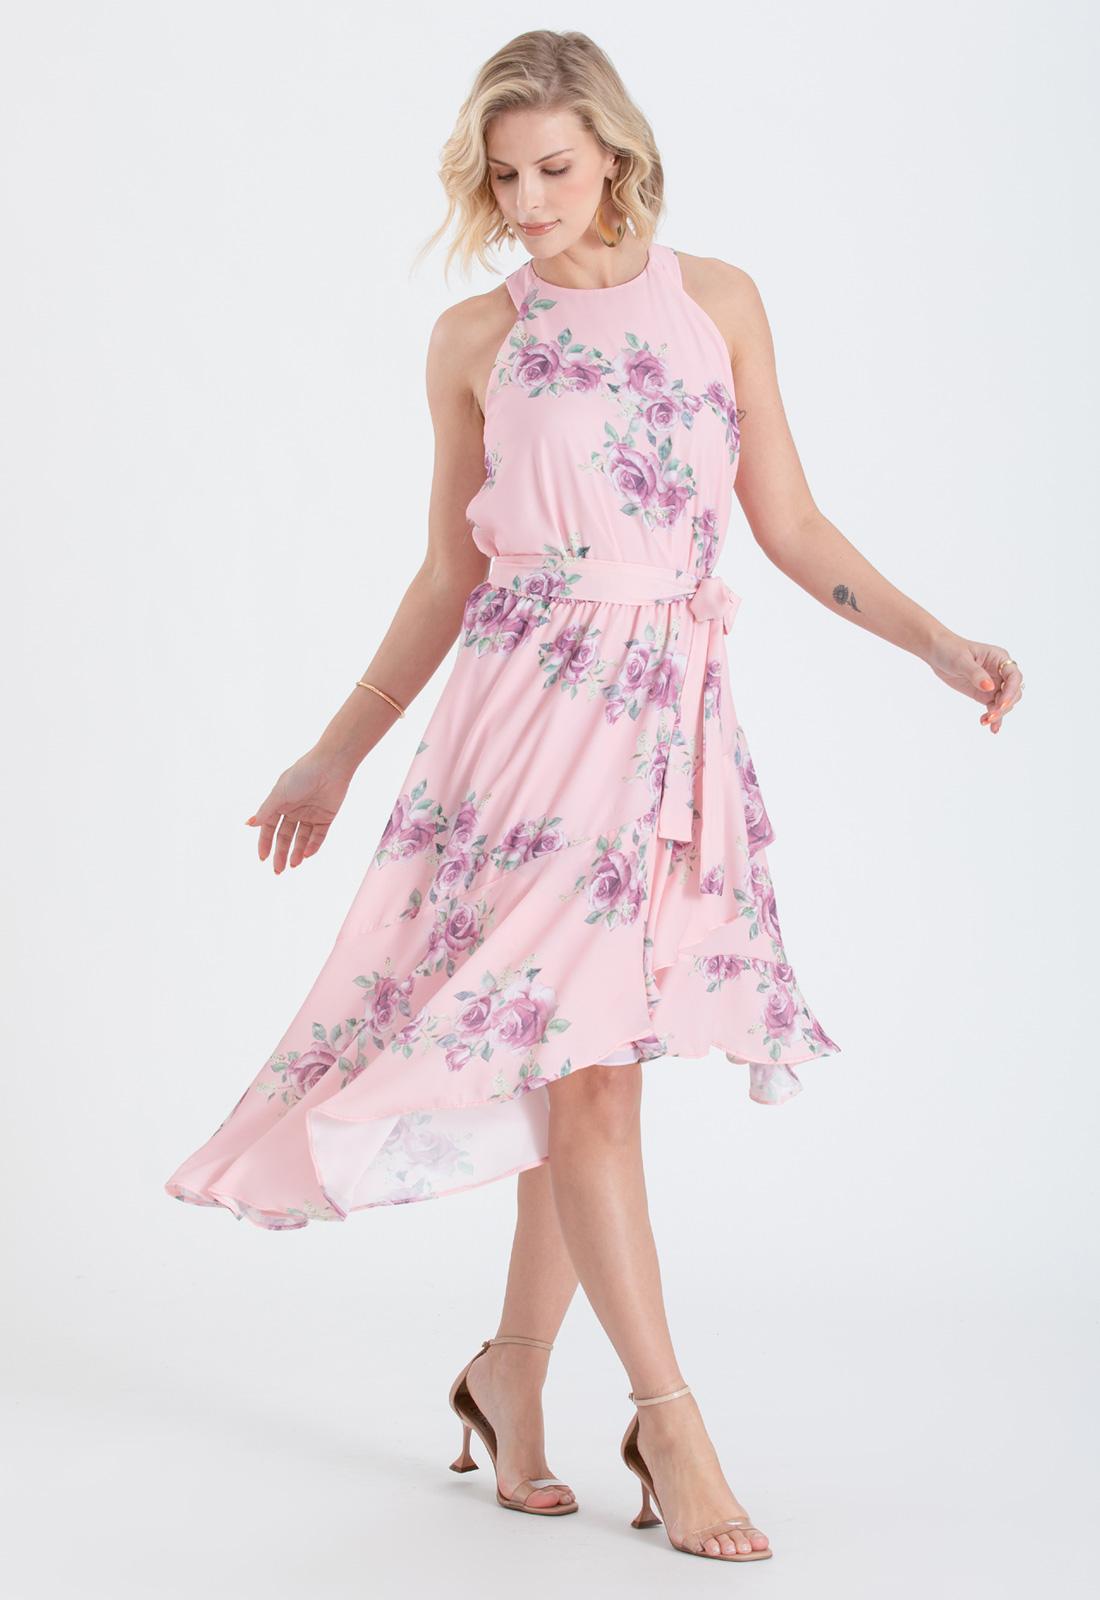 Vestido estampado rosa curto - Ref. 2682